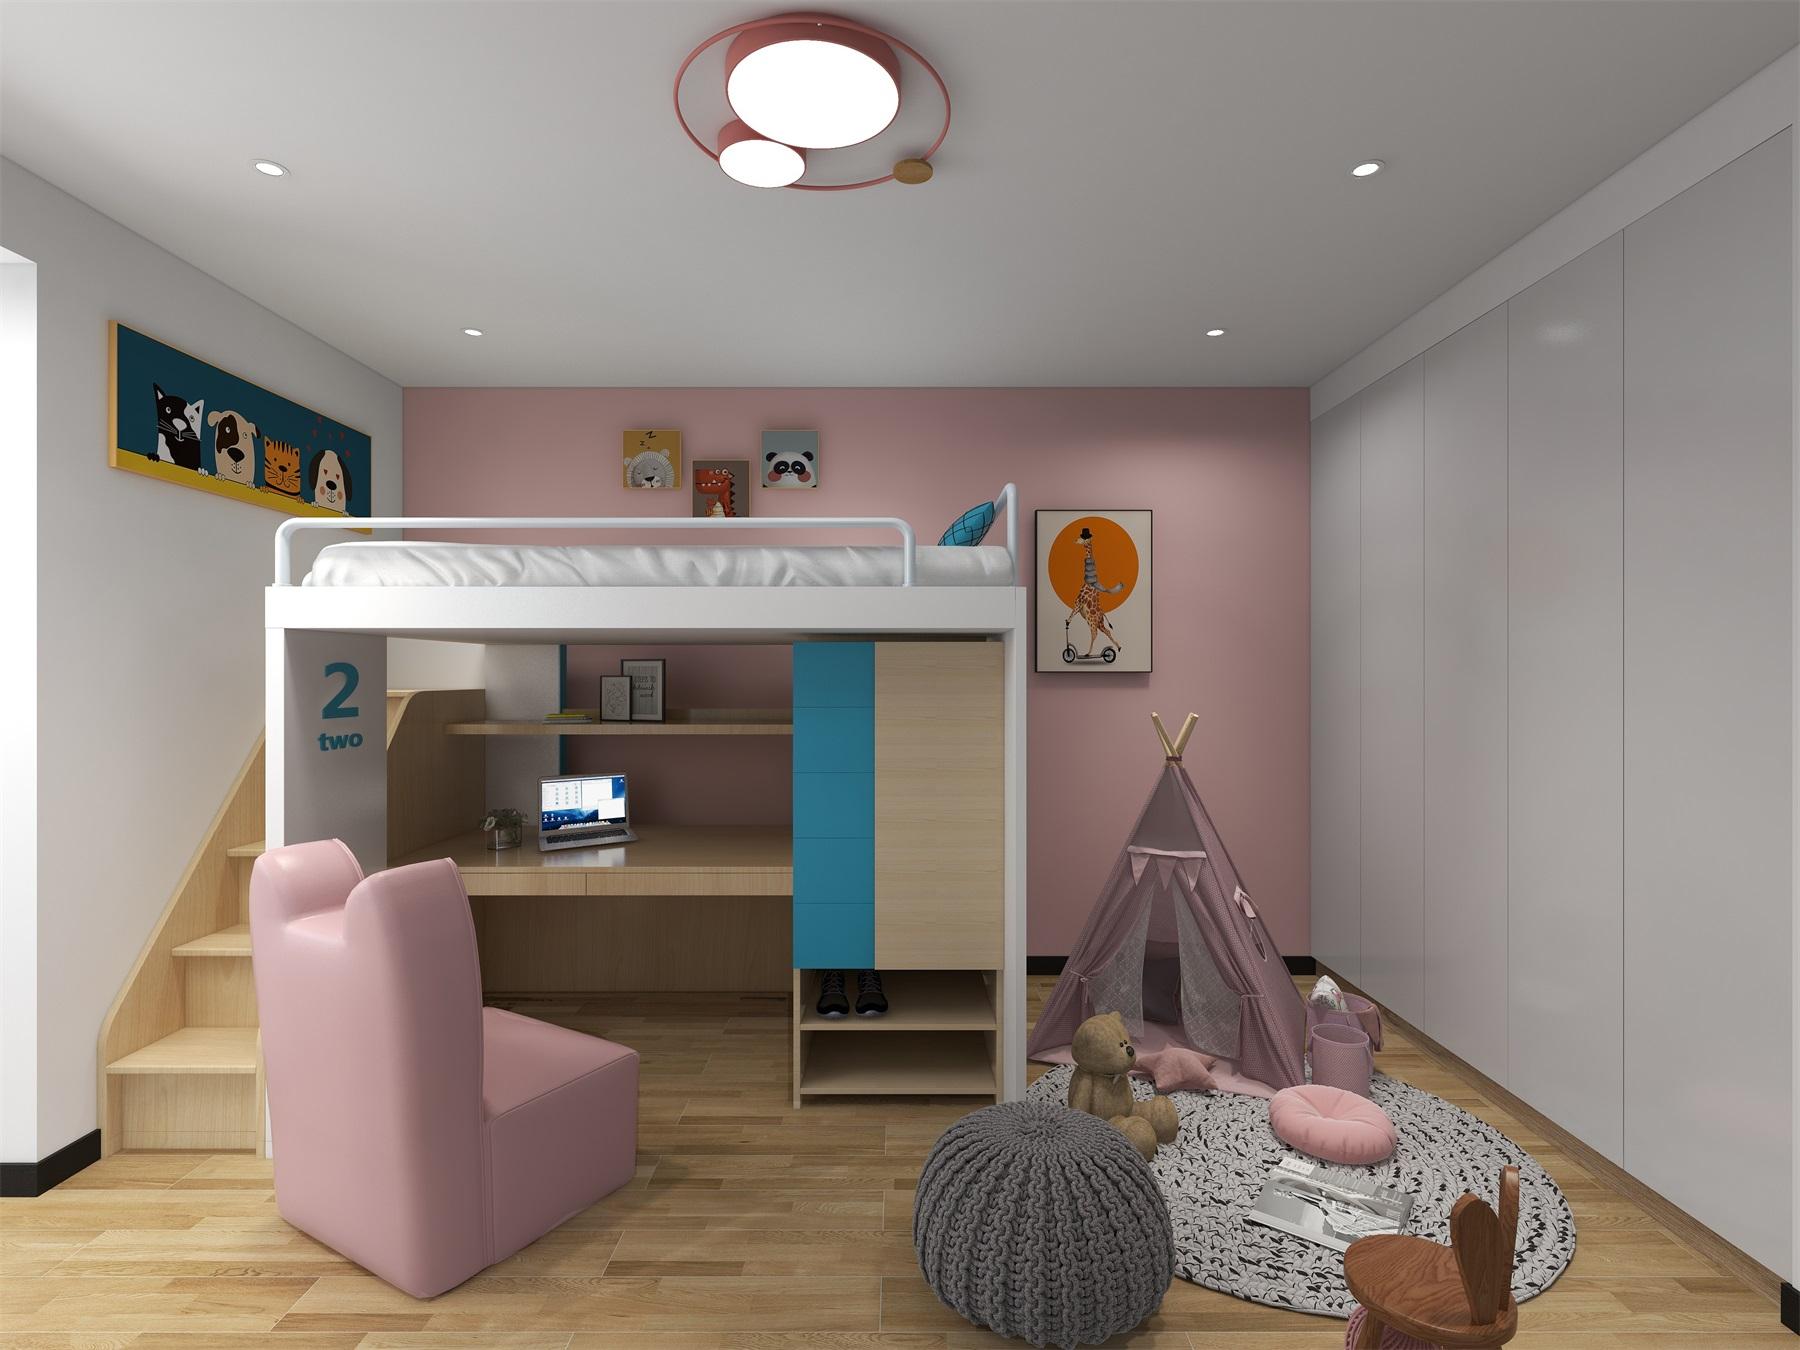 兒童房配色鮮明,高低床的使用、童趣軟裝融入,都表現出溫軟有質感的童趣空間。